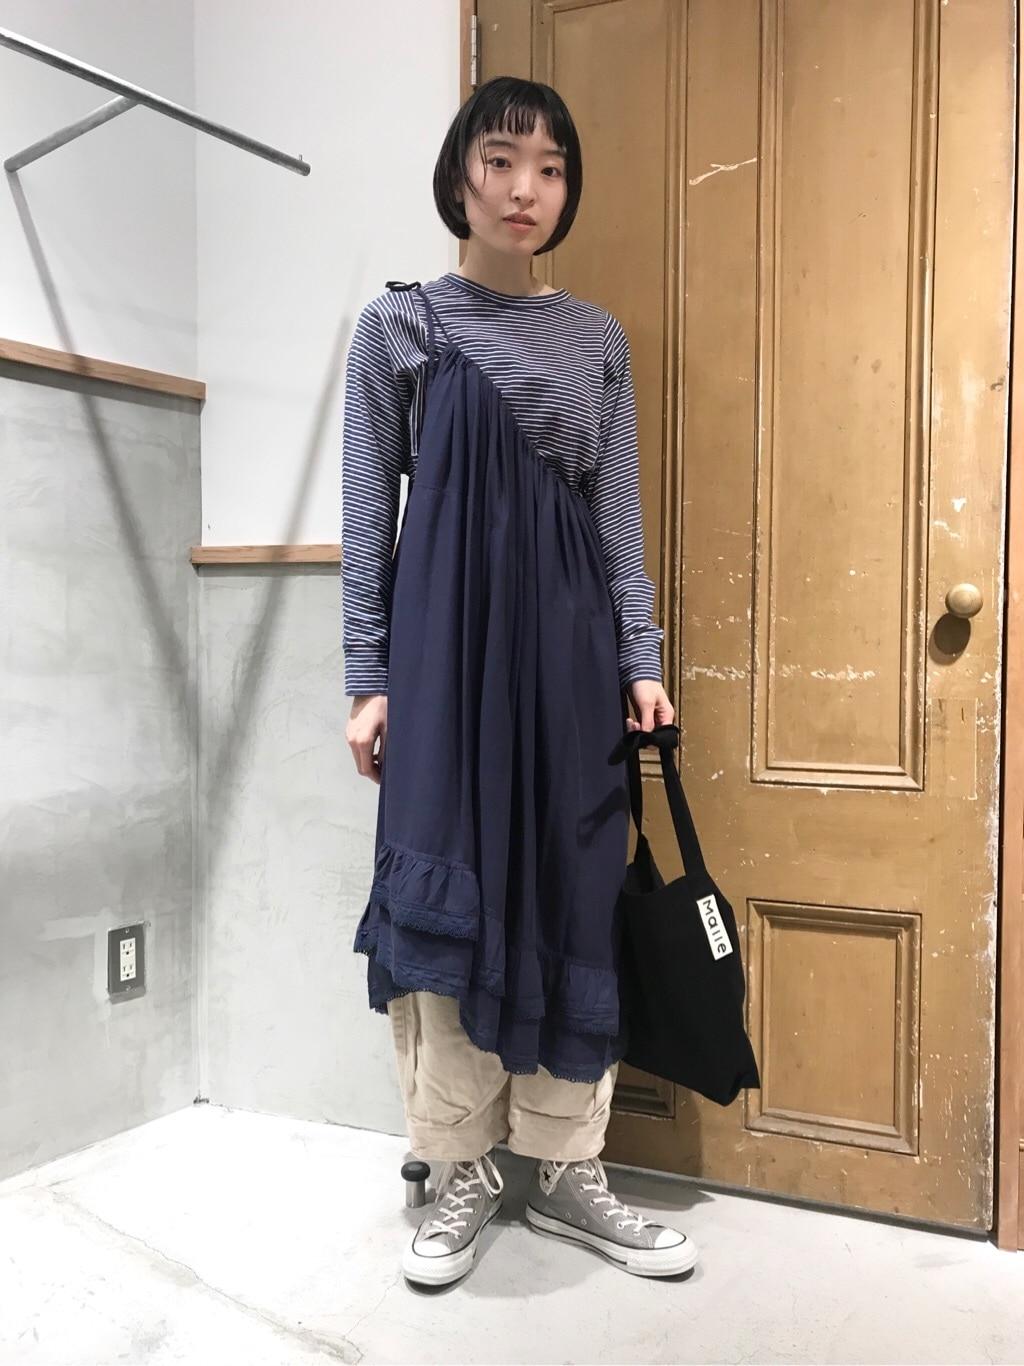 ルミネ新宿 2020.10.24